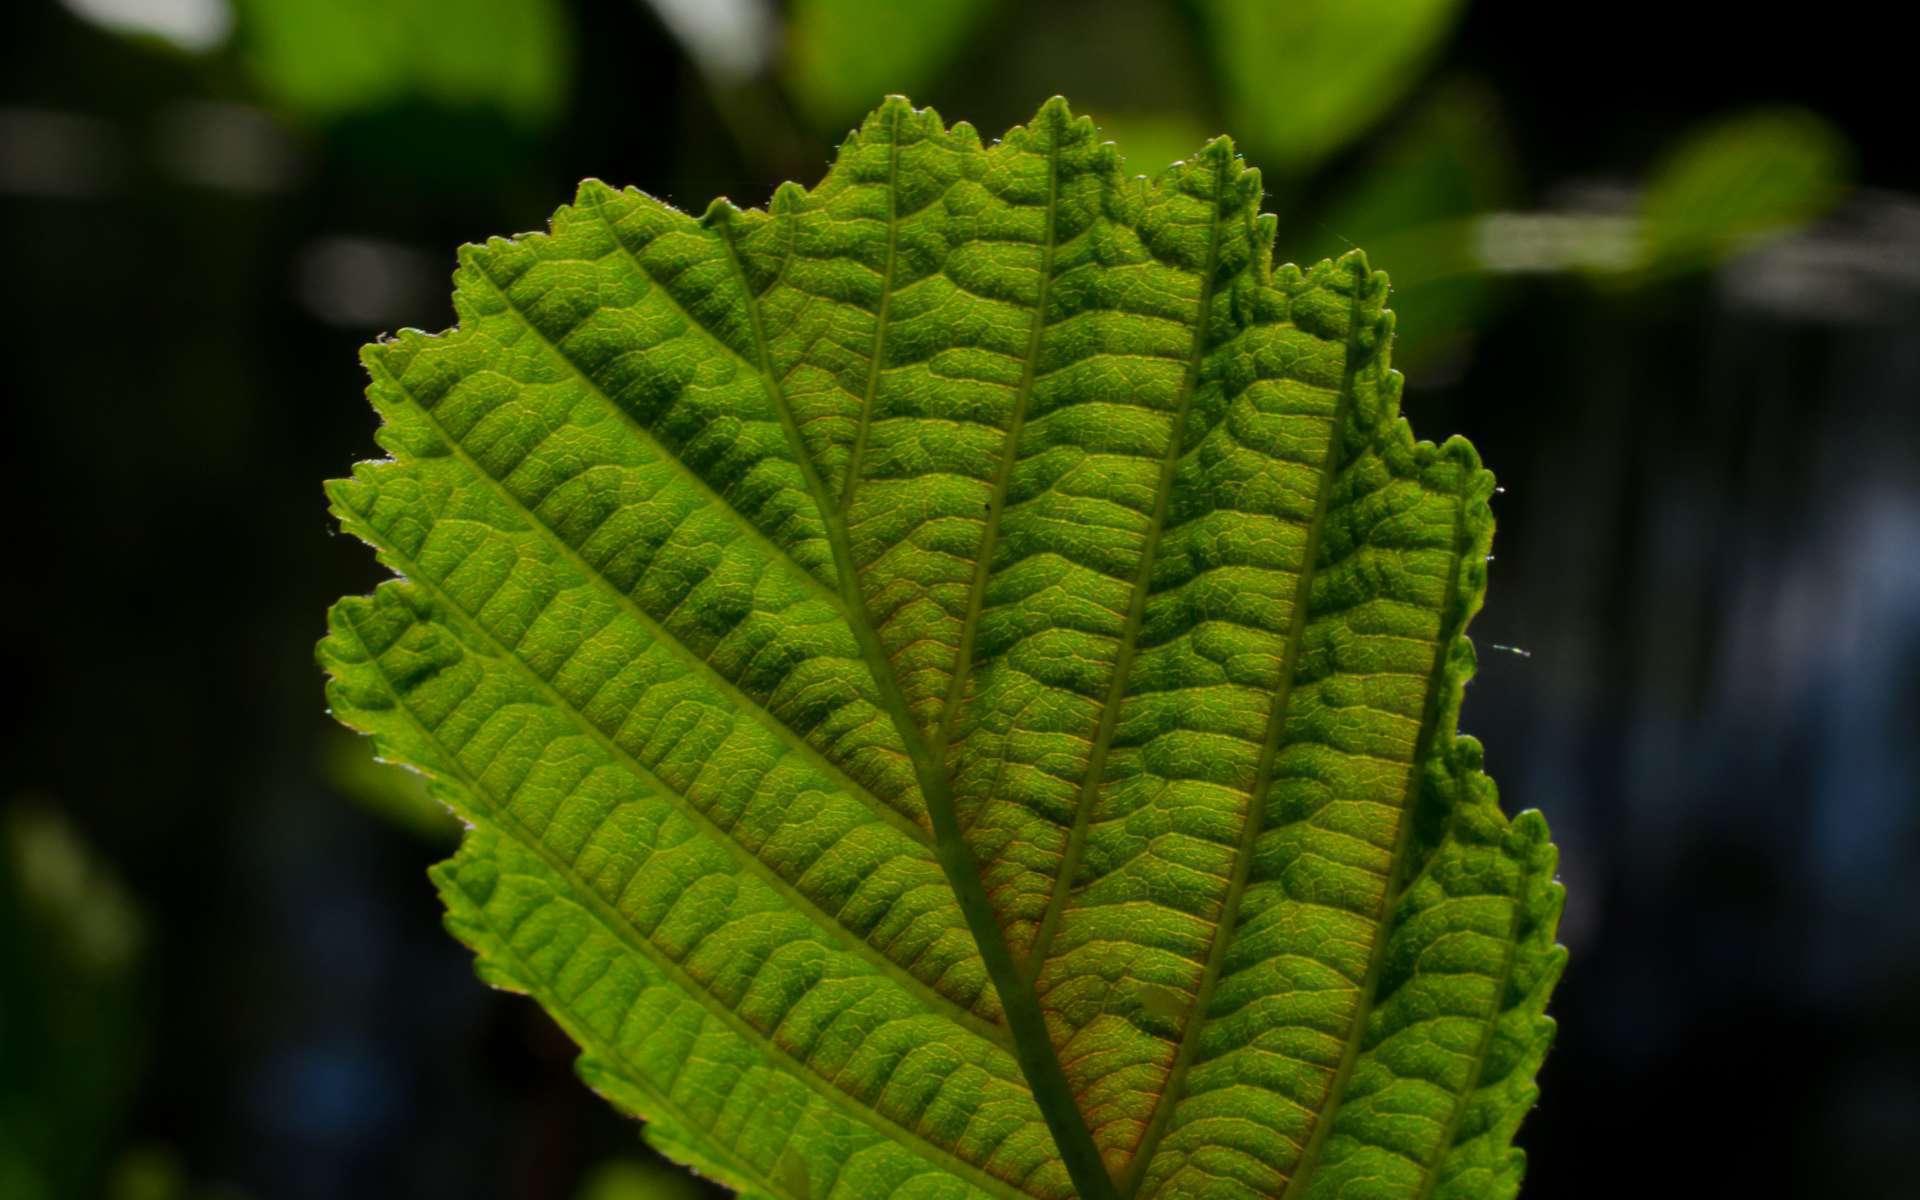 Aulne glutineux verne vergne balade randonn e pr s de chez vous - Polygala myrtifolia feuilles jaunes ...